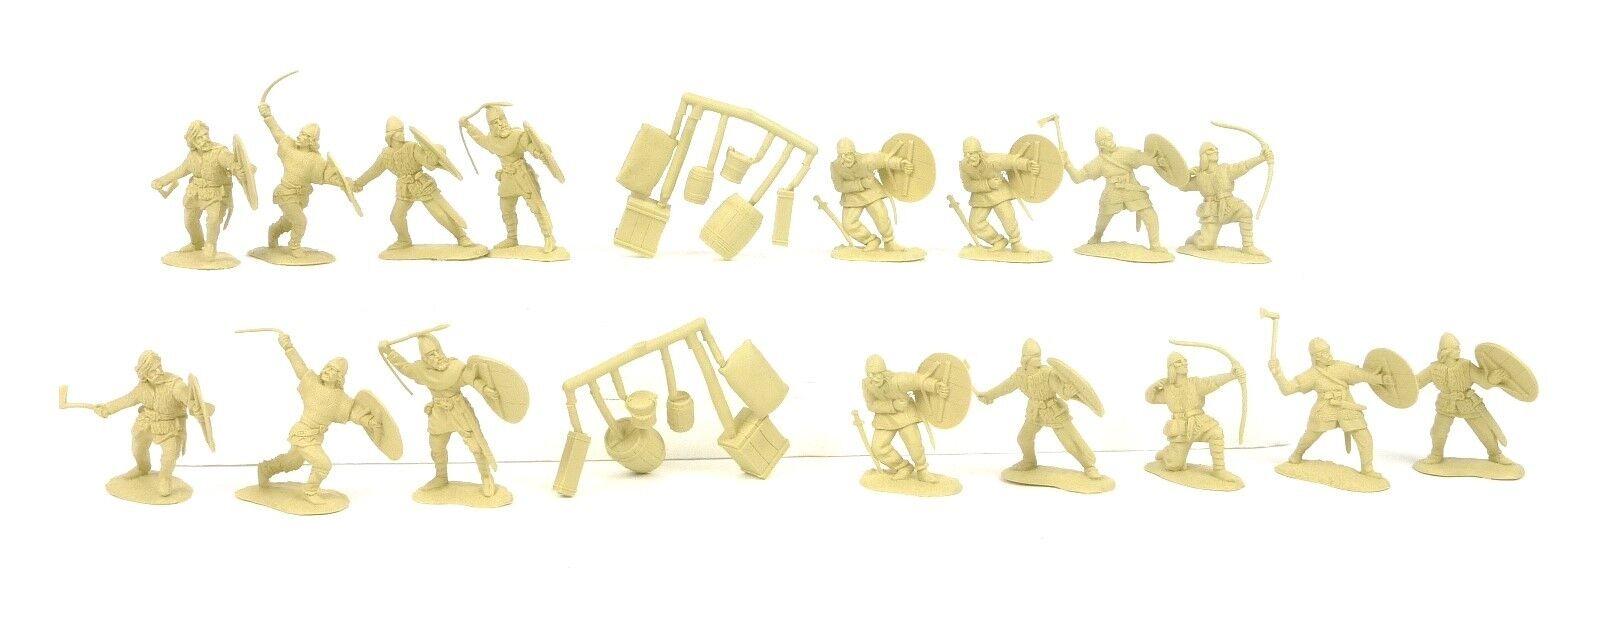 как выглядит Военная игрушка периода 1970 - настоящее время Conte Collectibles Vikings Plastic Figures Set 2 54mm Toy Soldiers фото